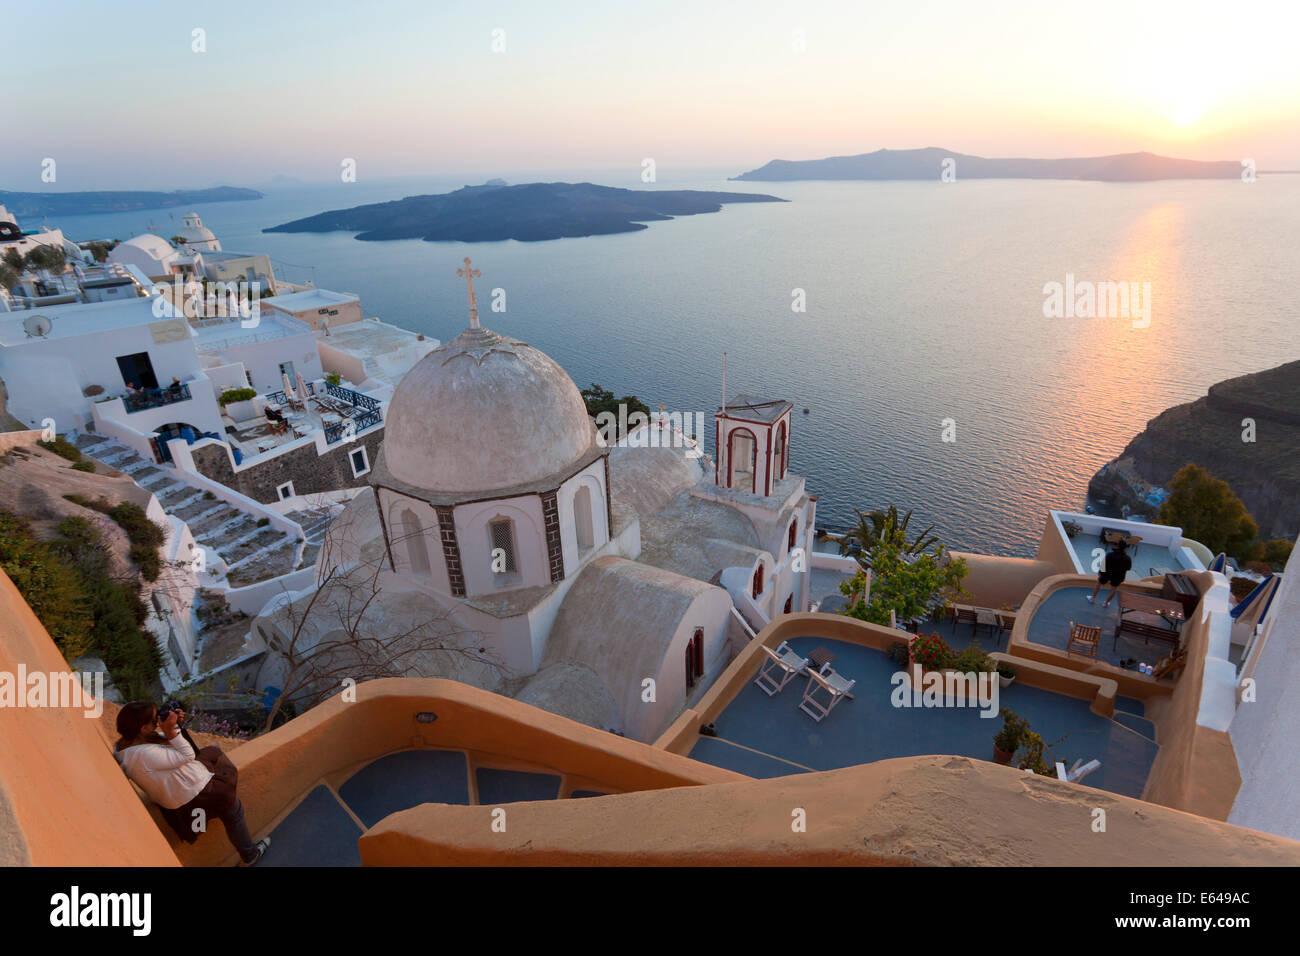 Stadt Kirche & Fira bei Sonnenuntergang, Fira, Santorini (Thira), Kykladen, Griechenland Stockbild